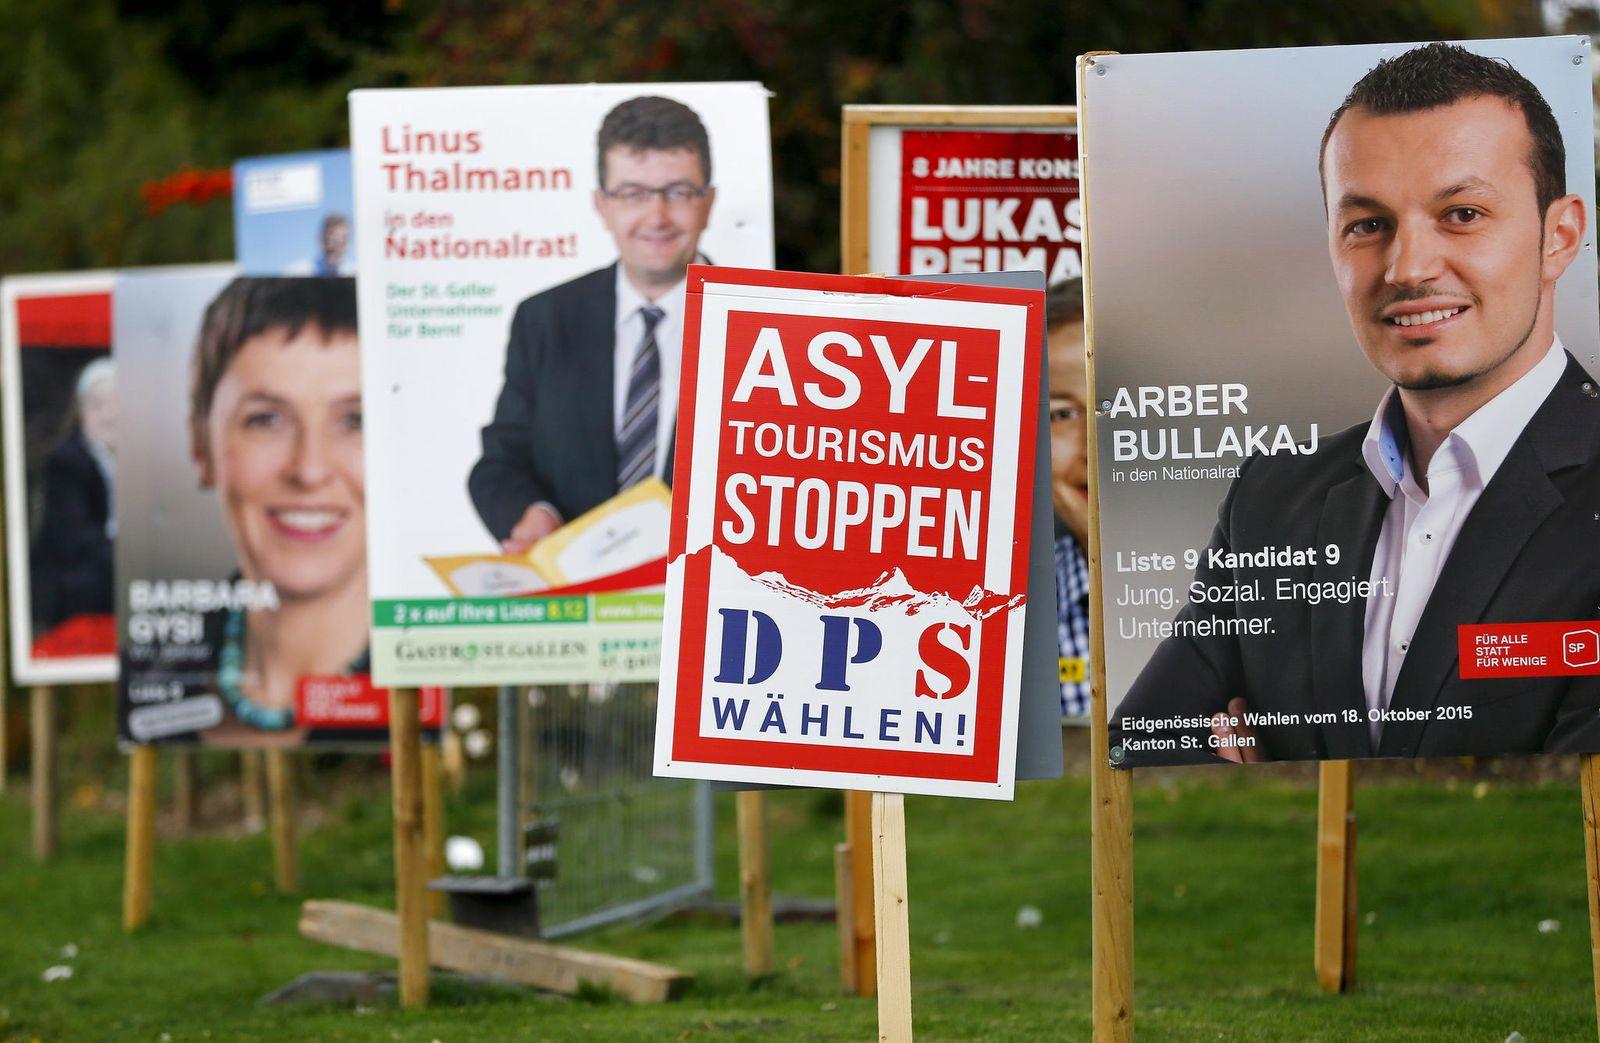 Wahl-Schweiz